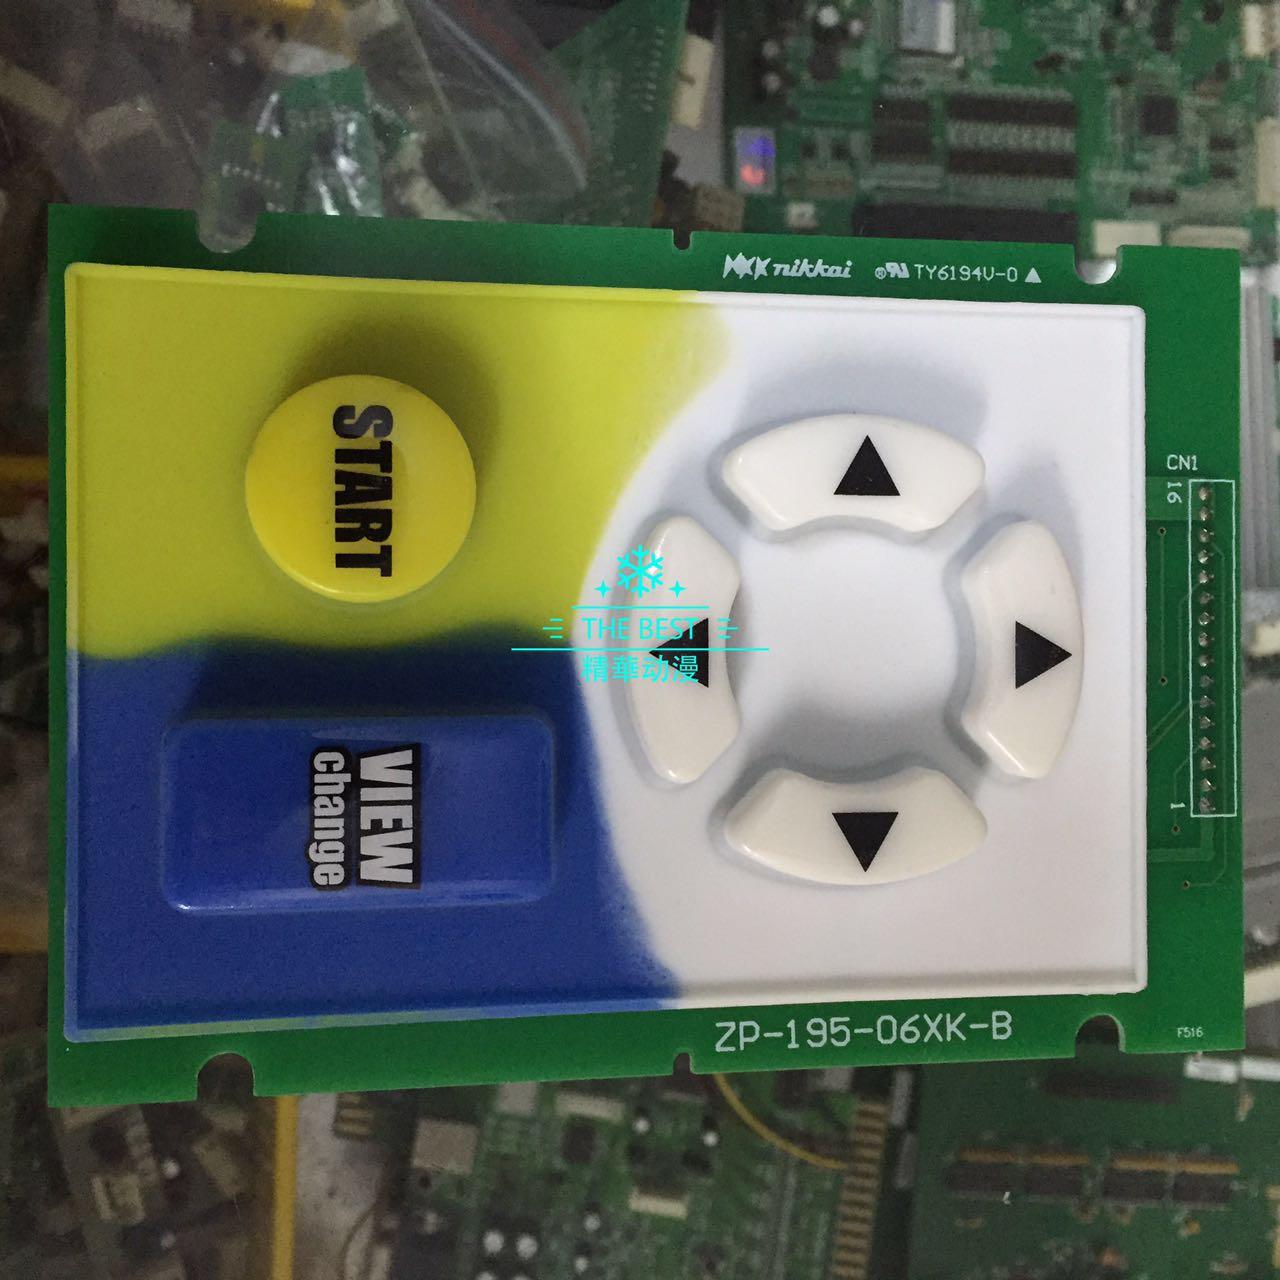 Оригинал игровой автомат монтаж гоночный моделирование машина оснащена модель глава письмо D монтаж глава D5 кнопка клей + кнопка доска